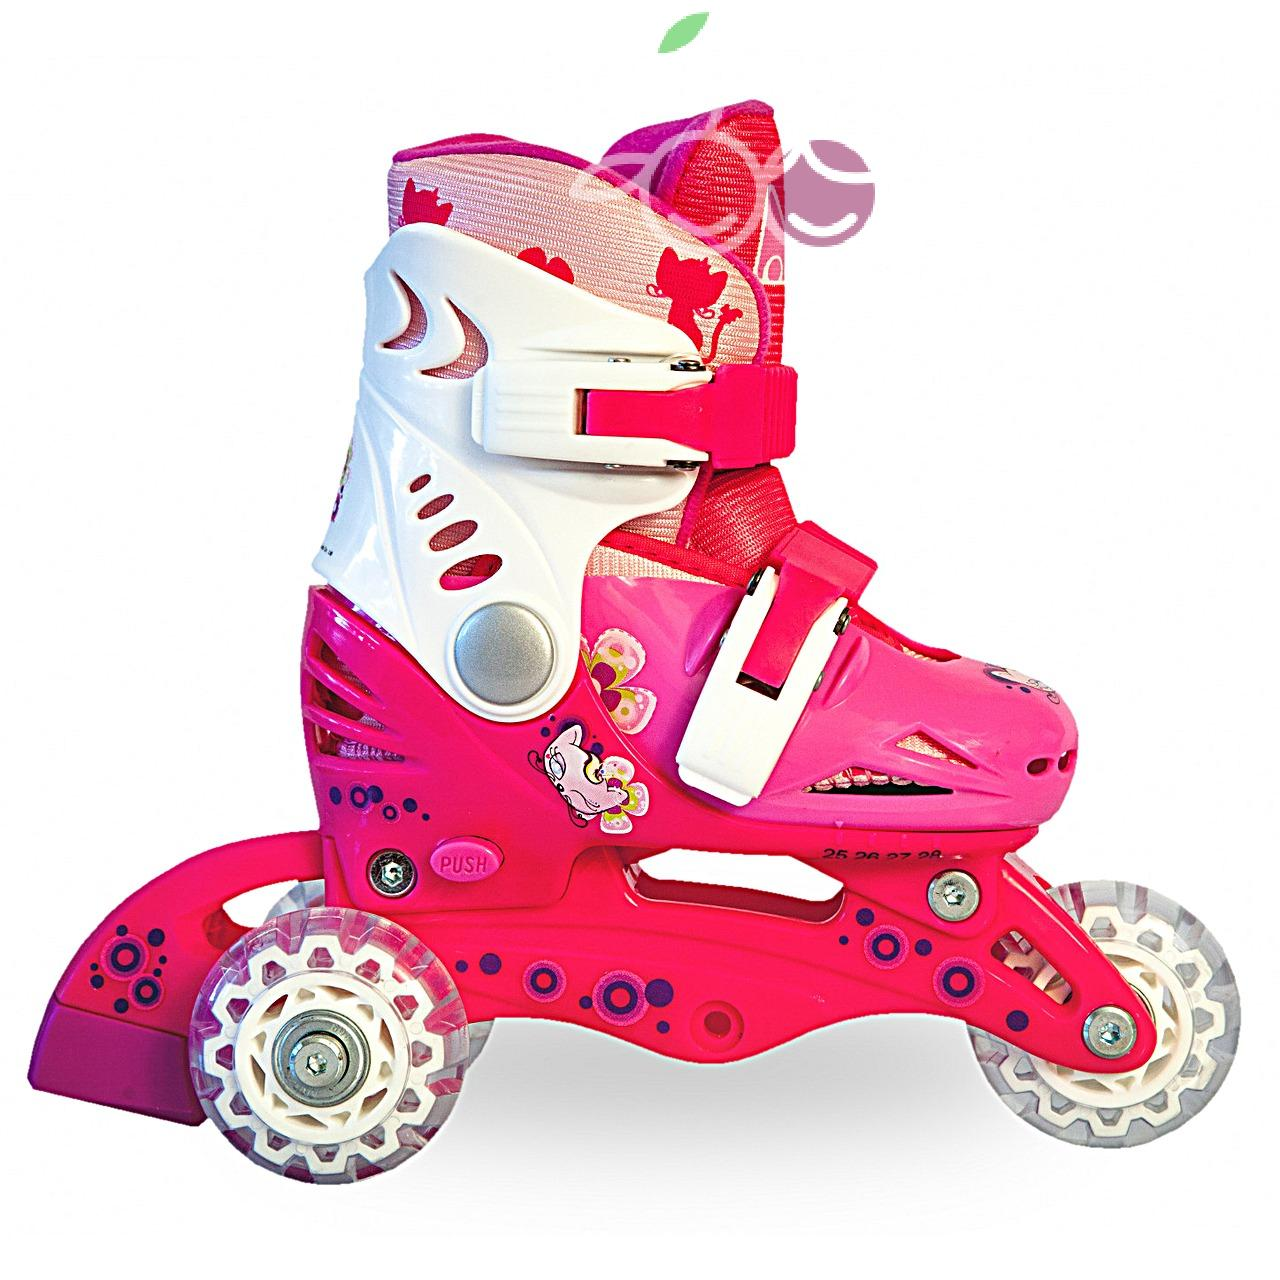 Роликовые коньки детские 28 размер, для обучения (трансформеры, раздвижной ботинок) MagicWheels розовые, - фото 2